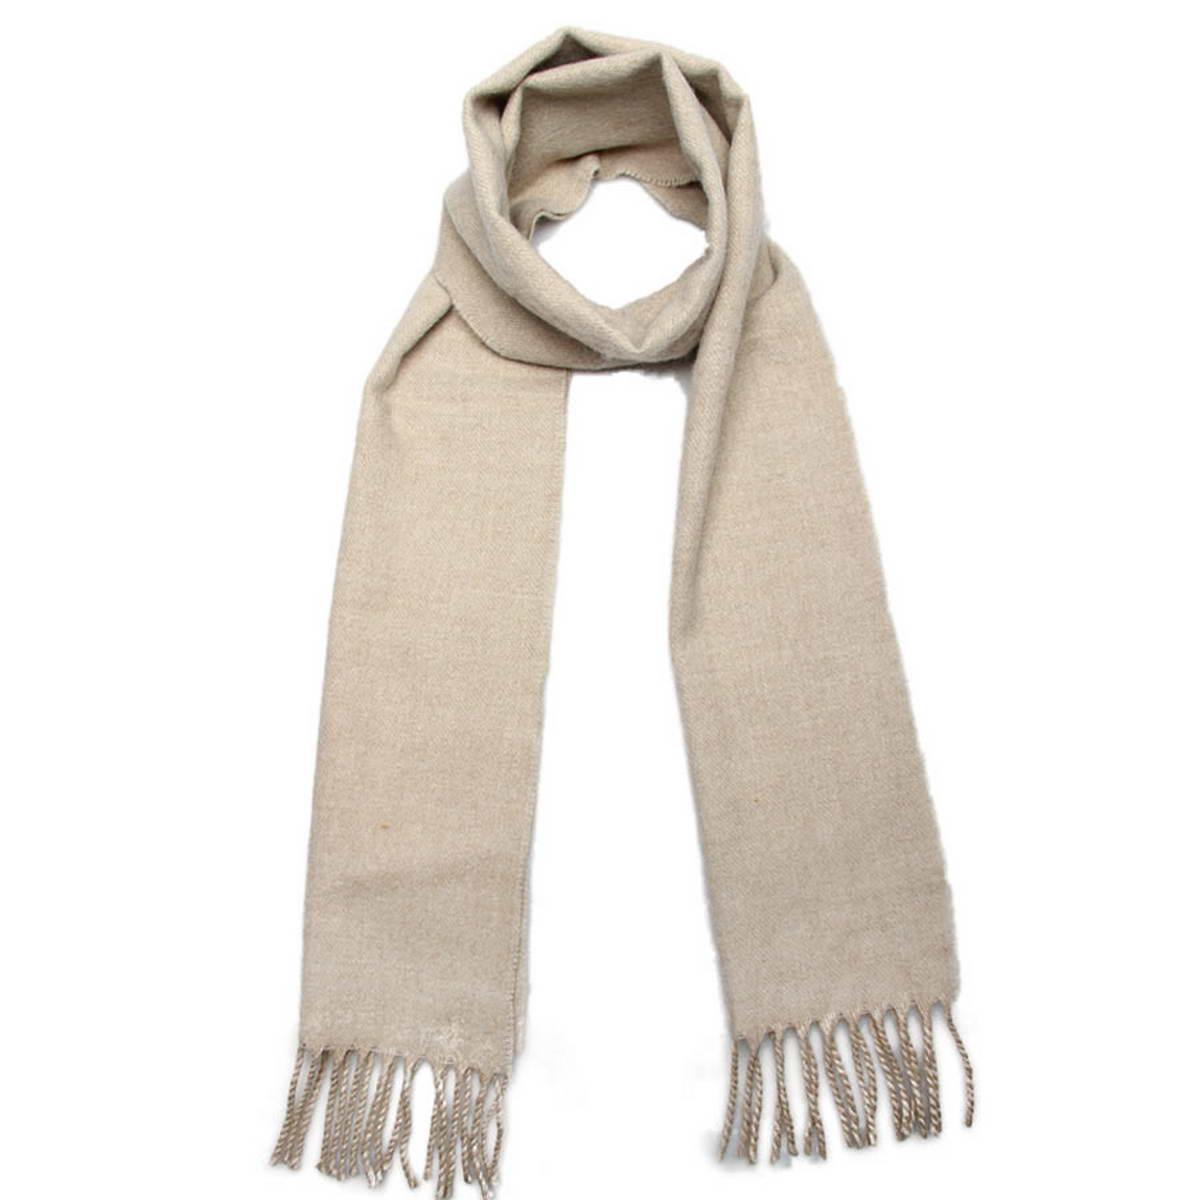 Шарф мужской Venera, цвет: бежевый. 5003132-20. Размер 25 см х 170 см5003132-20Элегантный мужской шарф Venera согреет вас в холодное время года, а также станет изысканным аксессуаром, который призван подчеркнуть ваш стиль и индивидуальность. Оригинальный теплый шарф выполнен из высококачественной пряжи из шерсти и акрила. Однотонный шарф имеет строгую классическую расцветку и дополнен жгутиками по краю.Такой шарф станет превосходным дополнением к любому наряду, защитит вас от ветра и холода и позволит вам создать свой неповторимый стиль.